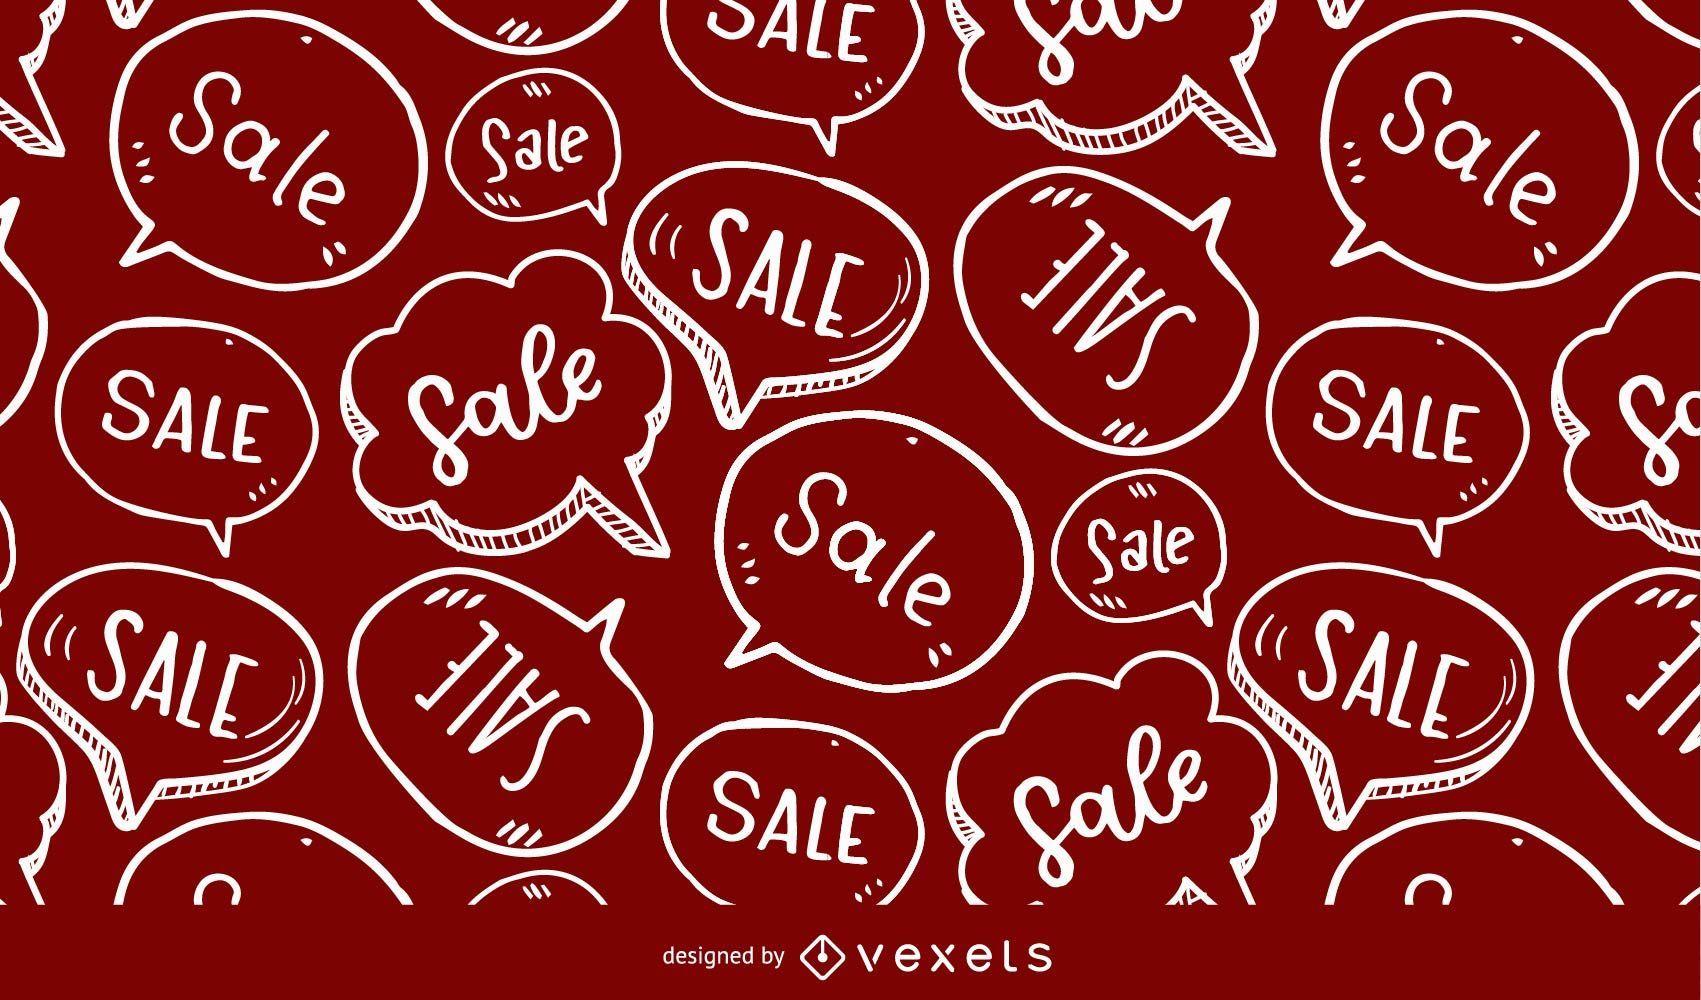 Sale speech bubble pattern